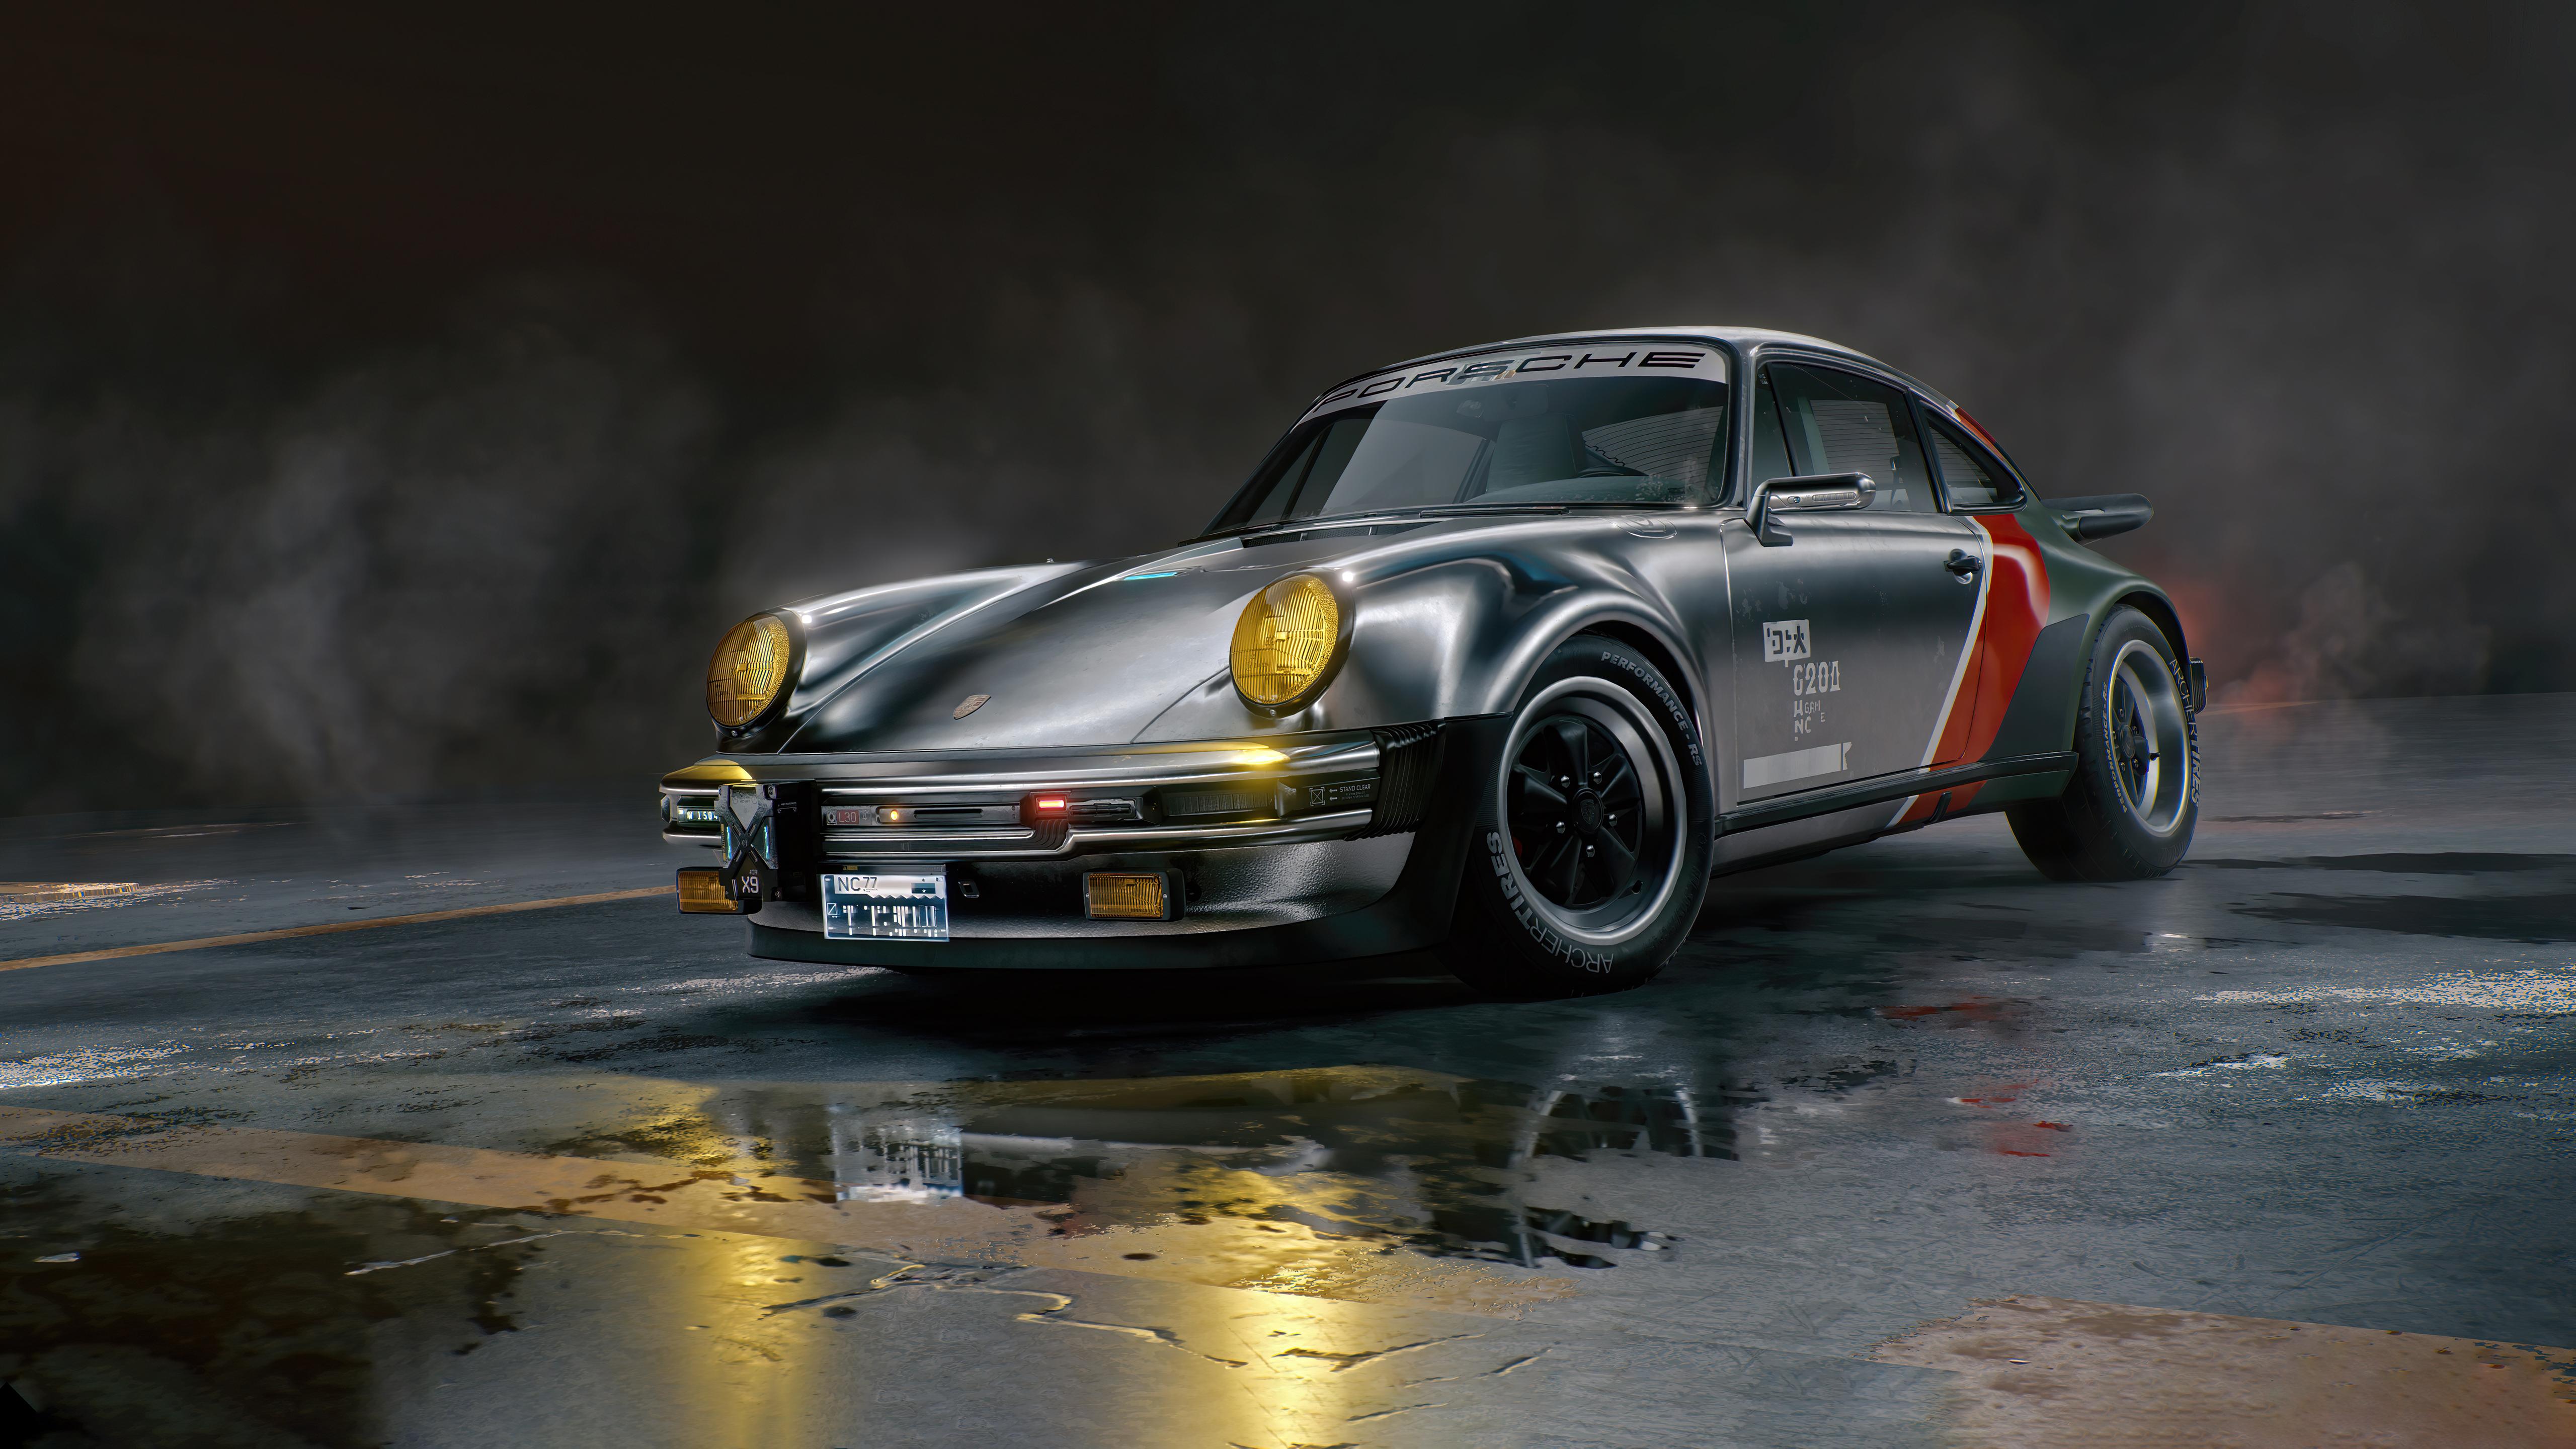 cyberpunk 2077 johnny silverhands porsche 911 4k 1615134193 - Cyberpunk 2077 Johnny Silverhands Porsche 911 4k - Cyberpunk 2077 Johnny Silverhands Porsche 911 4k wallpapers